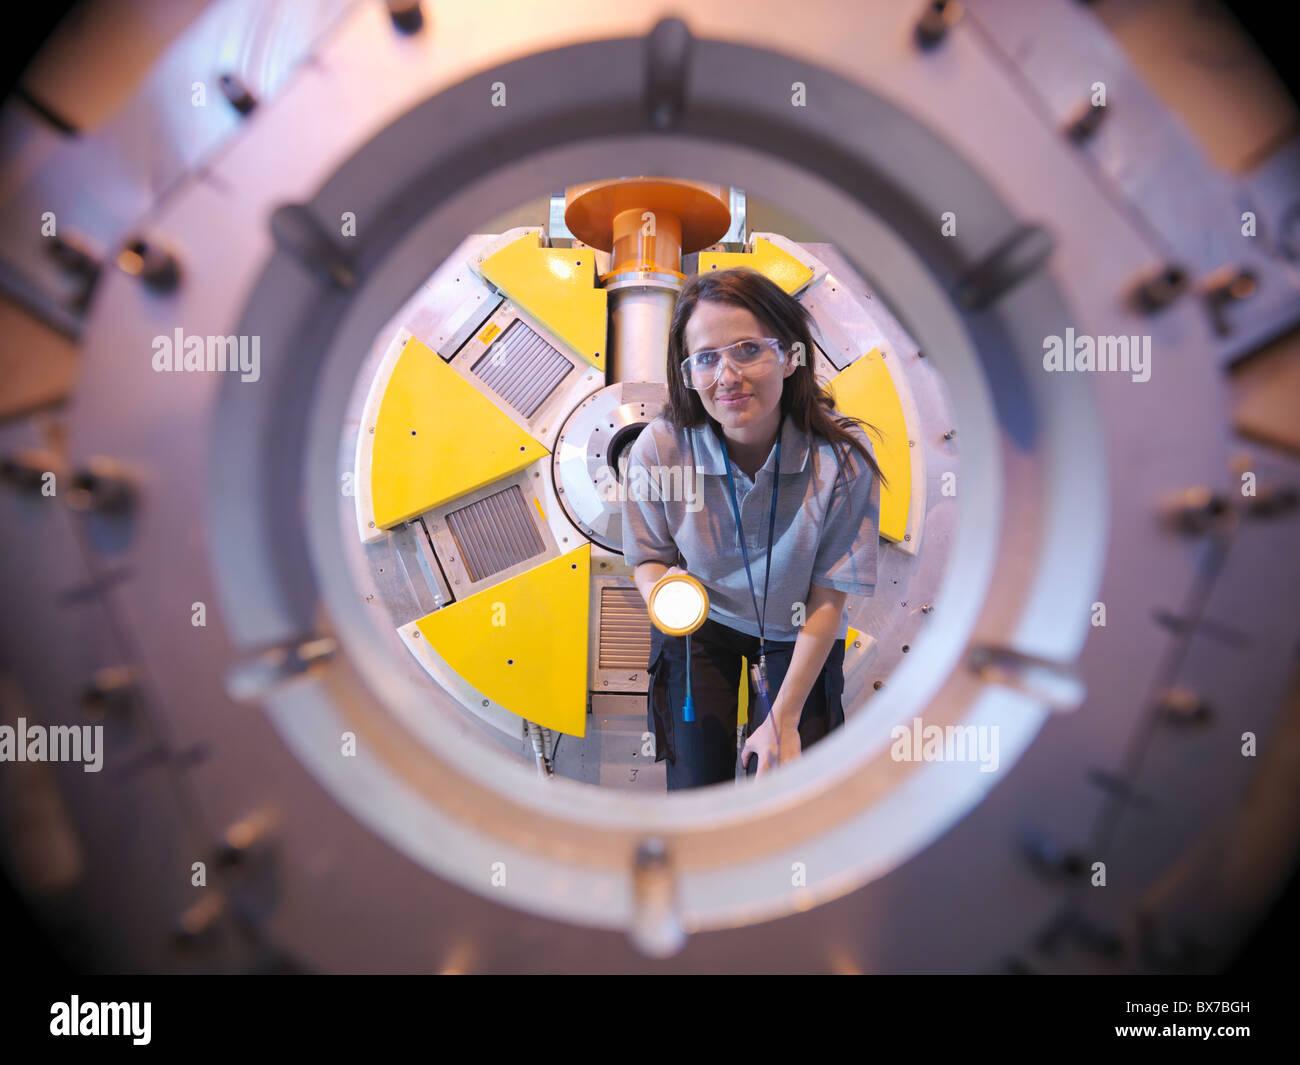 Wissenschaftler inspiziert Teilchenbeschleuniger Stockbild